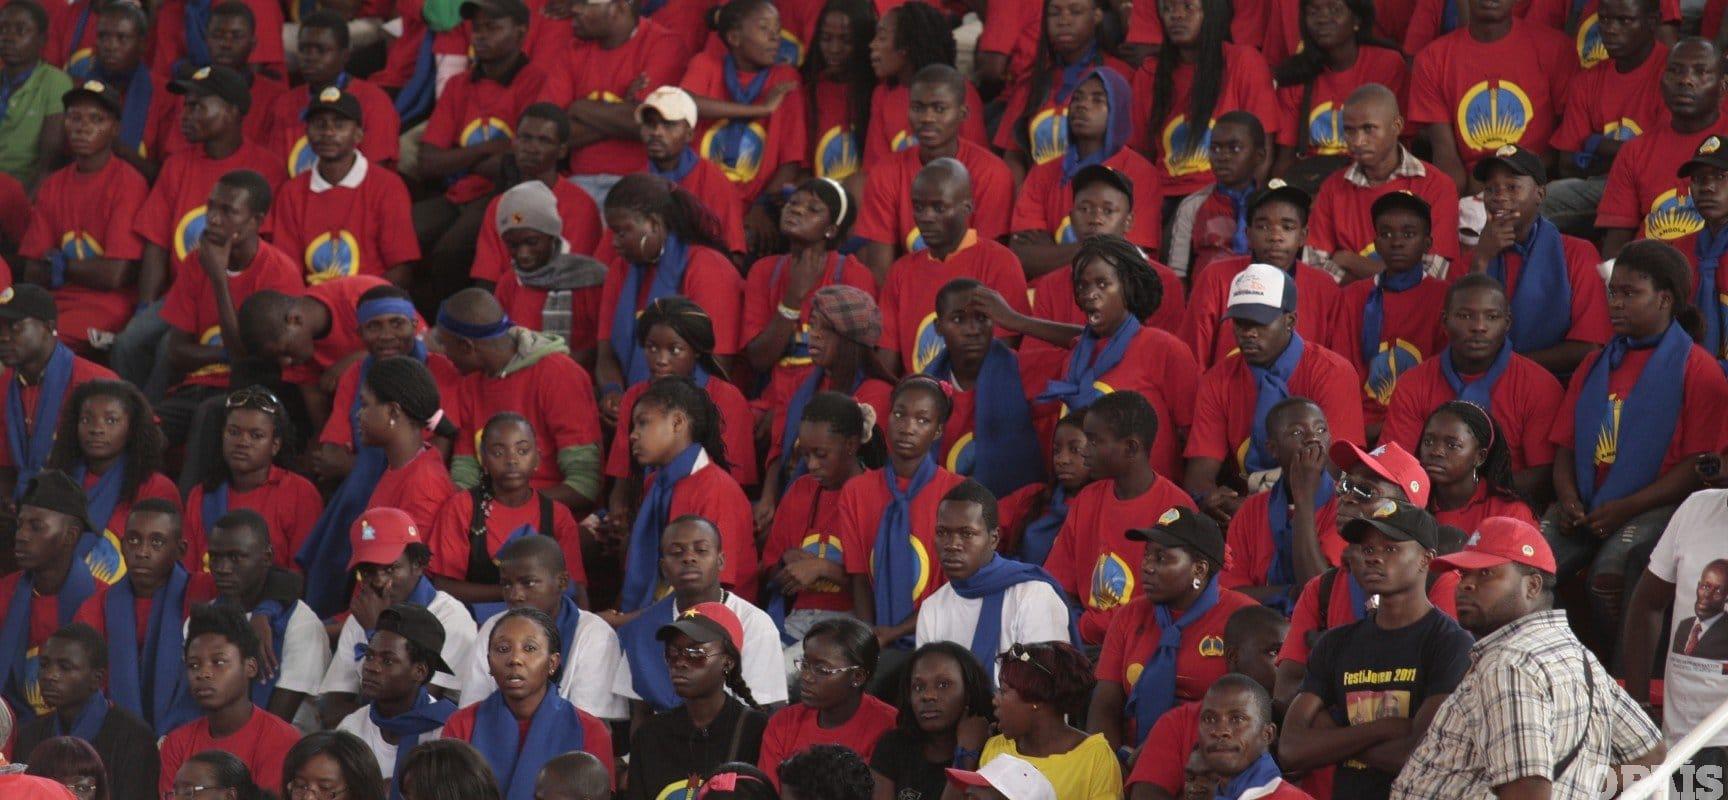 - JMPLA 1 - As eleições no braço juvenil do partido no poder ( JMPLA )